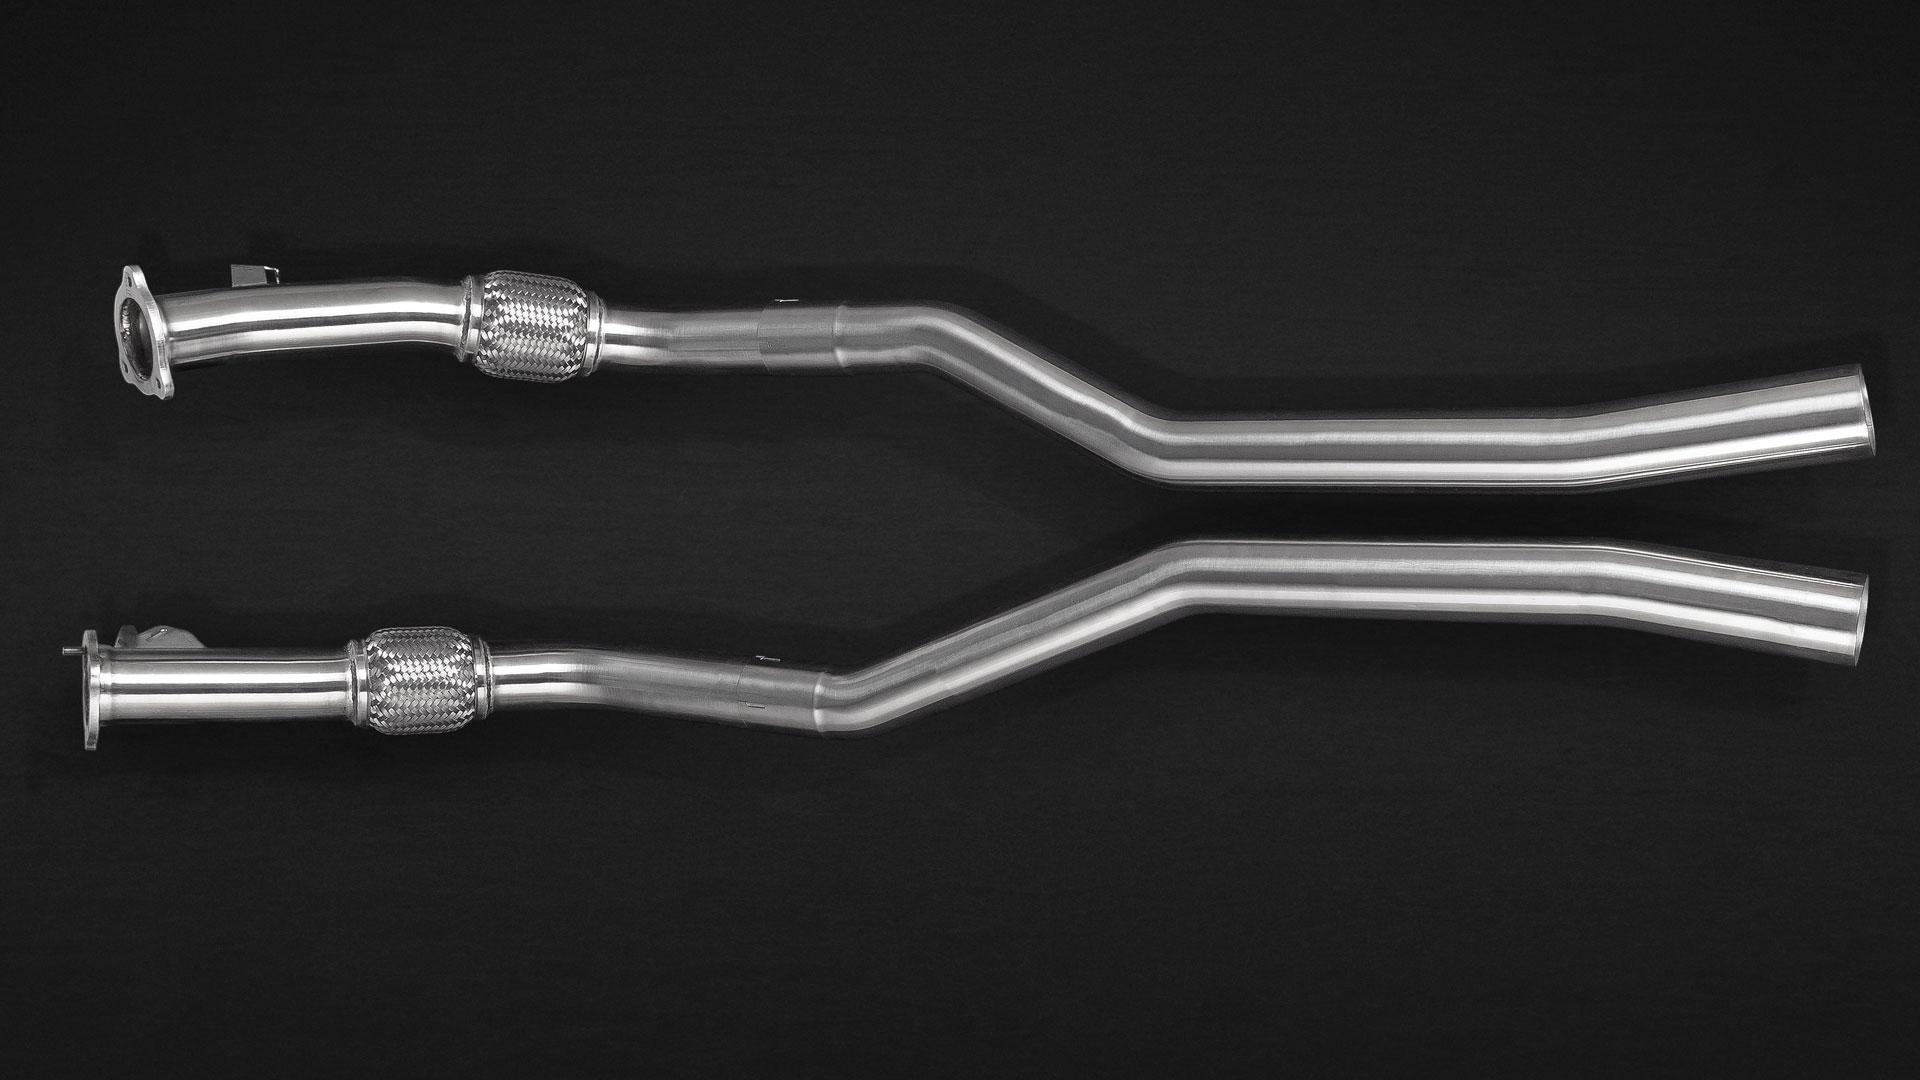 Verbindungsrohre zu den Katalysatoren für Audi RS4 Auspuffanlage